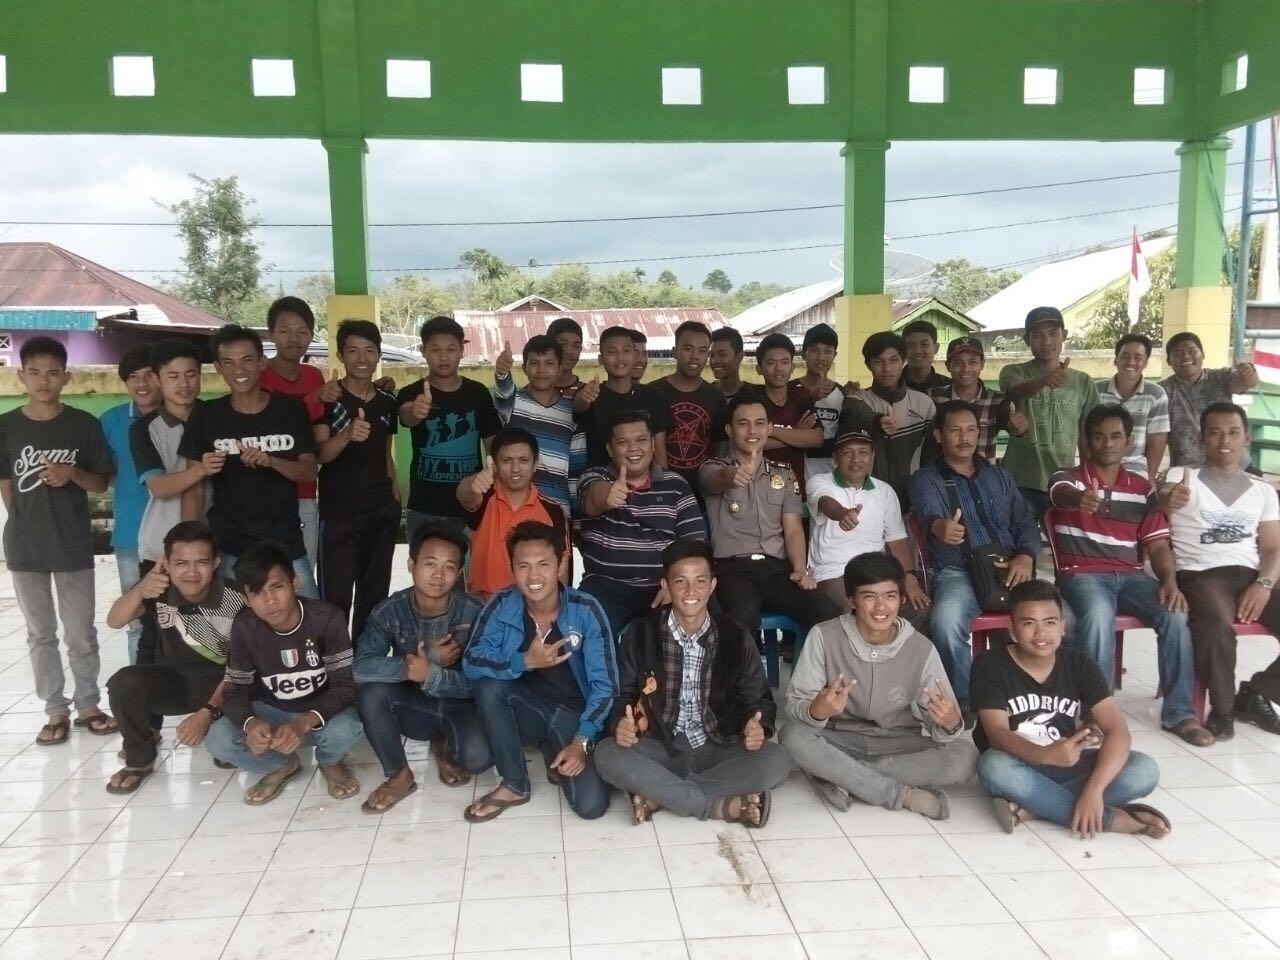 Kapolsek Kepahiang dan Bhabinkamtibmas Melakukan Mediasi dan Problem Solving Perkelahian Antar Pemuda Dalam Pertandingan Futsal HUT RI ke-71